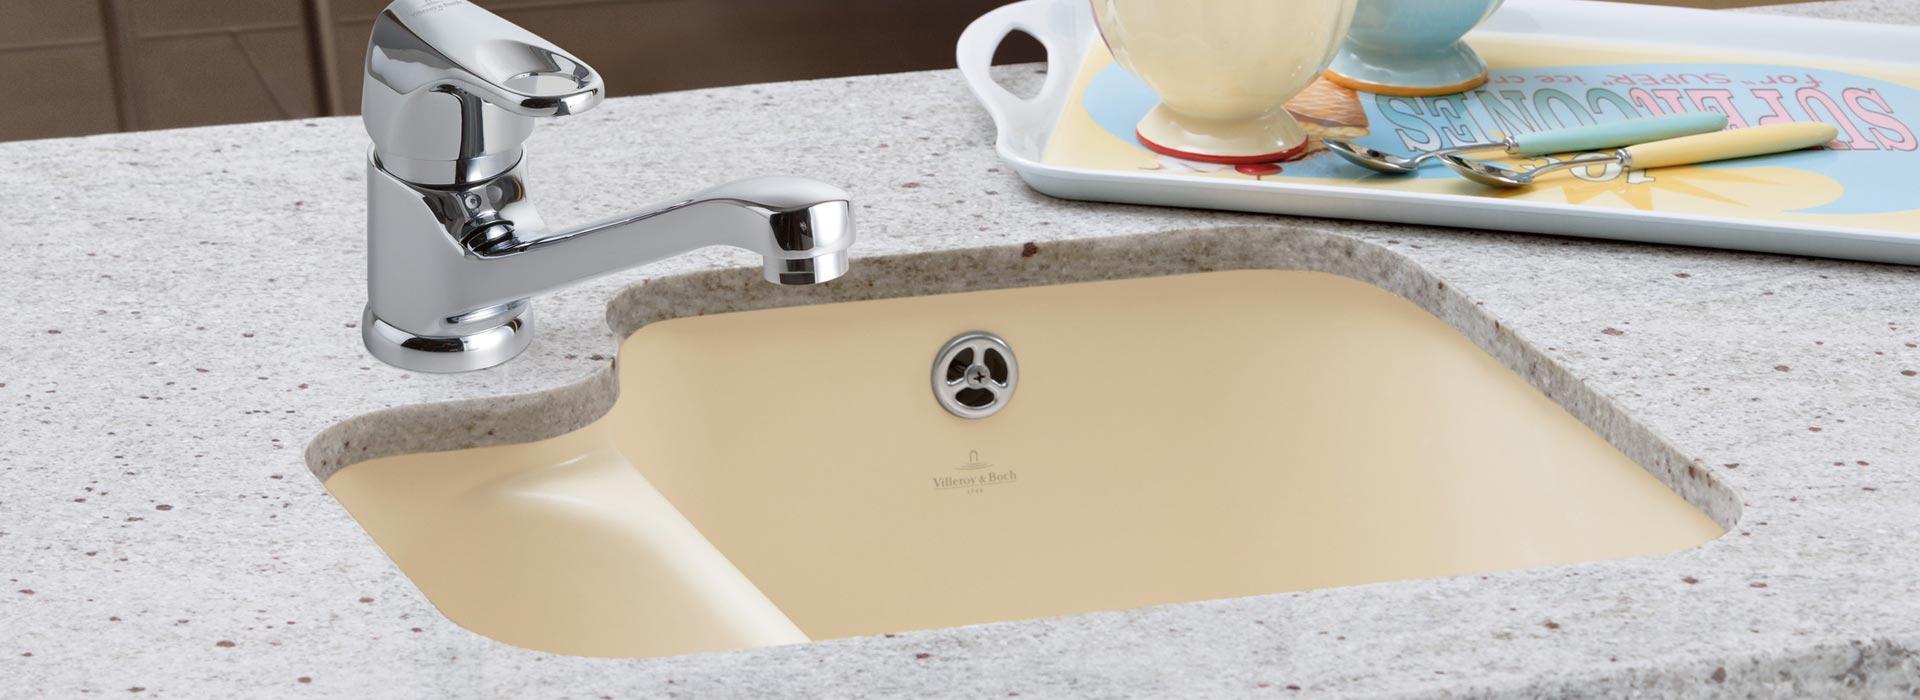 Lavelli sottopiano di qualit premium villeroy boch Lavelli cucina in ceramica